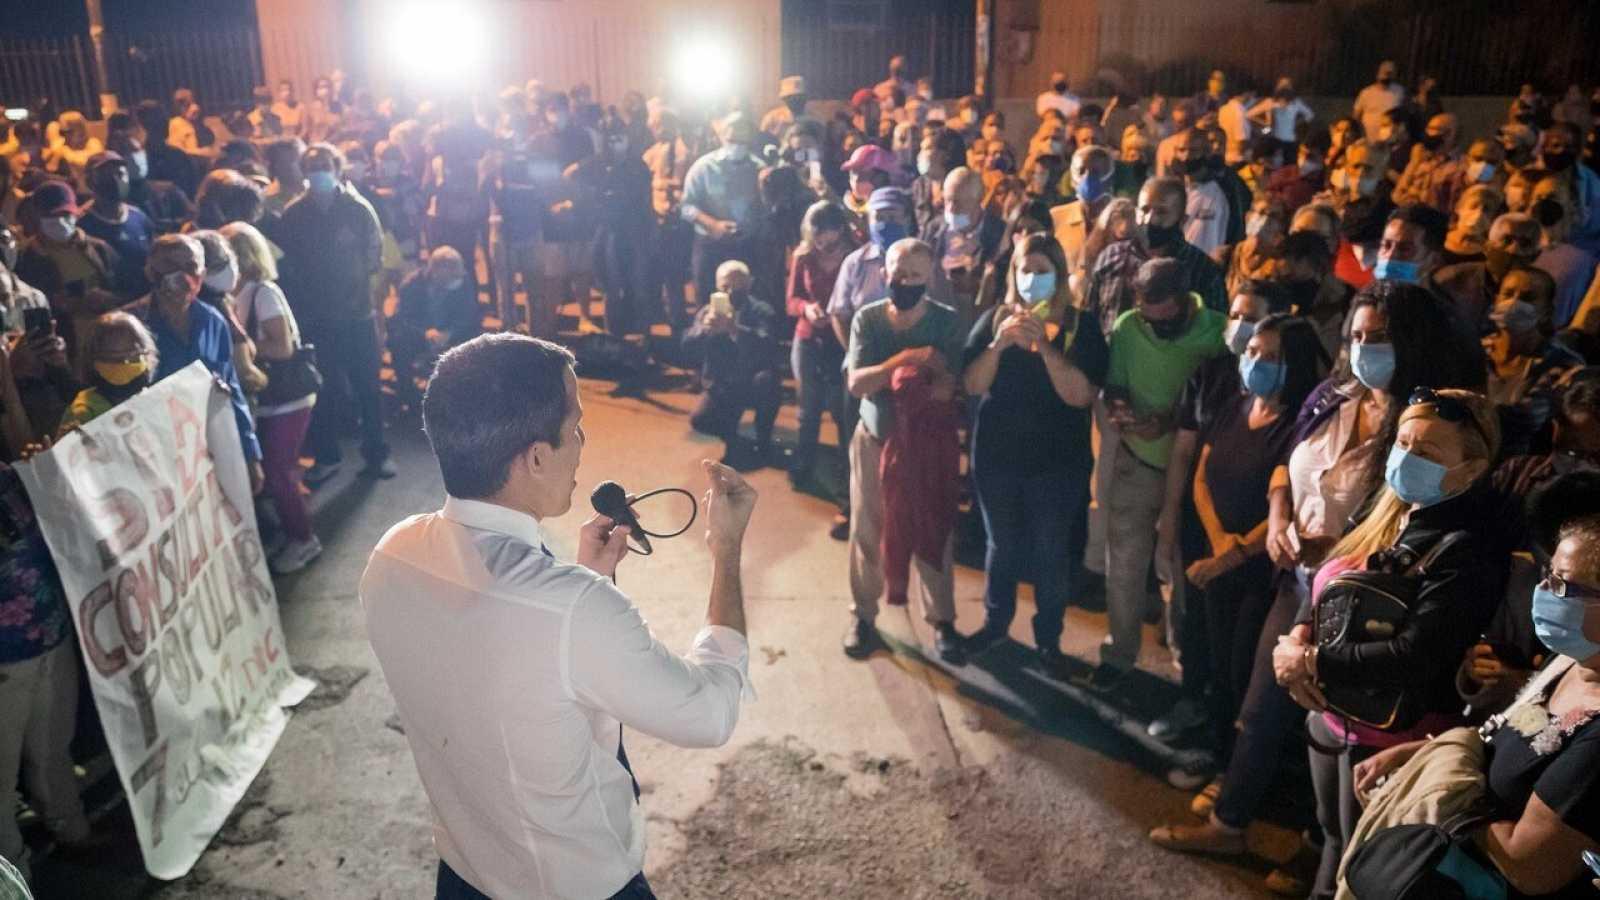 El líder opositor venezolano Juan Guaidó (c) sale a las calles para promover la consulta popular